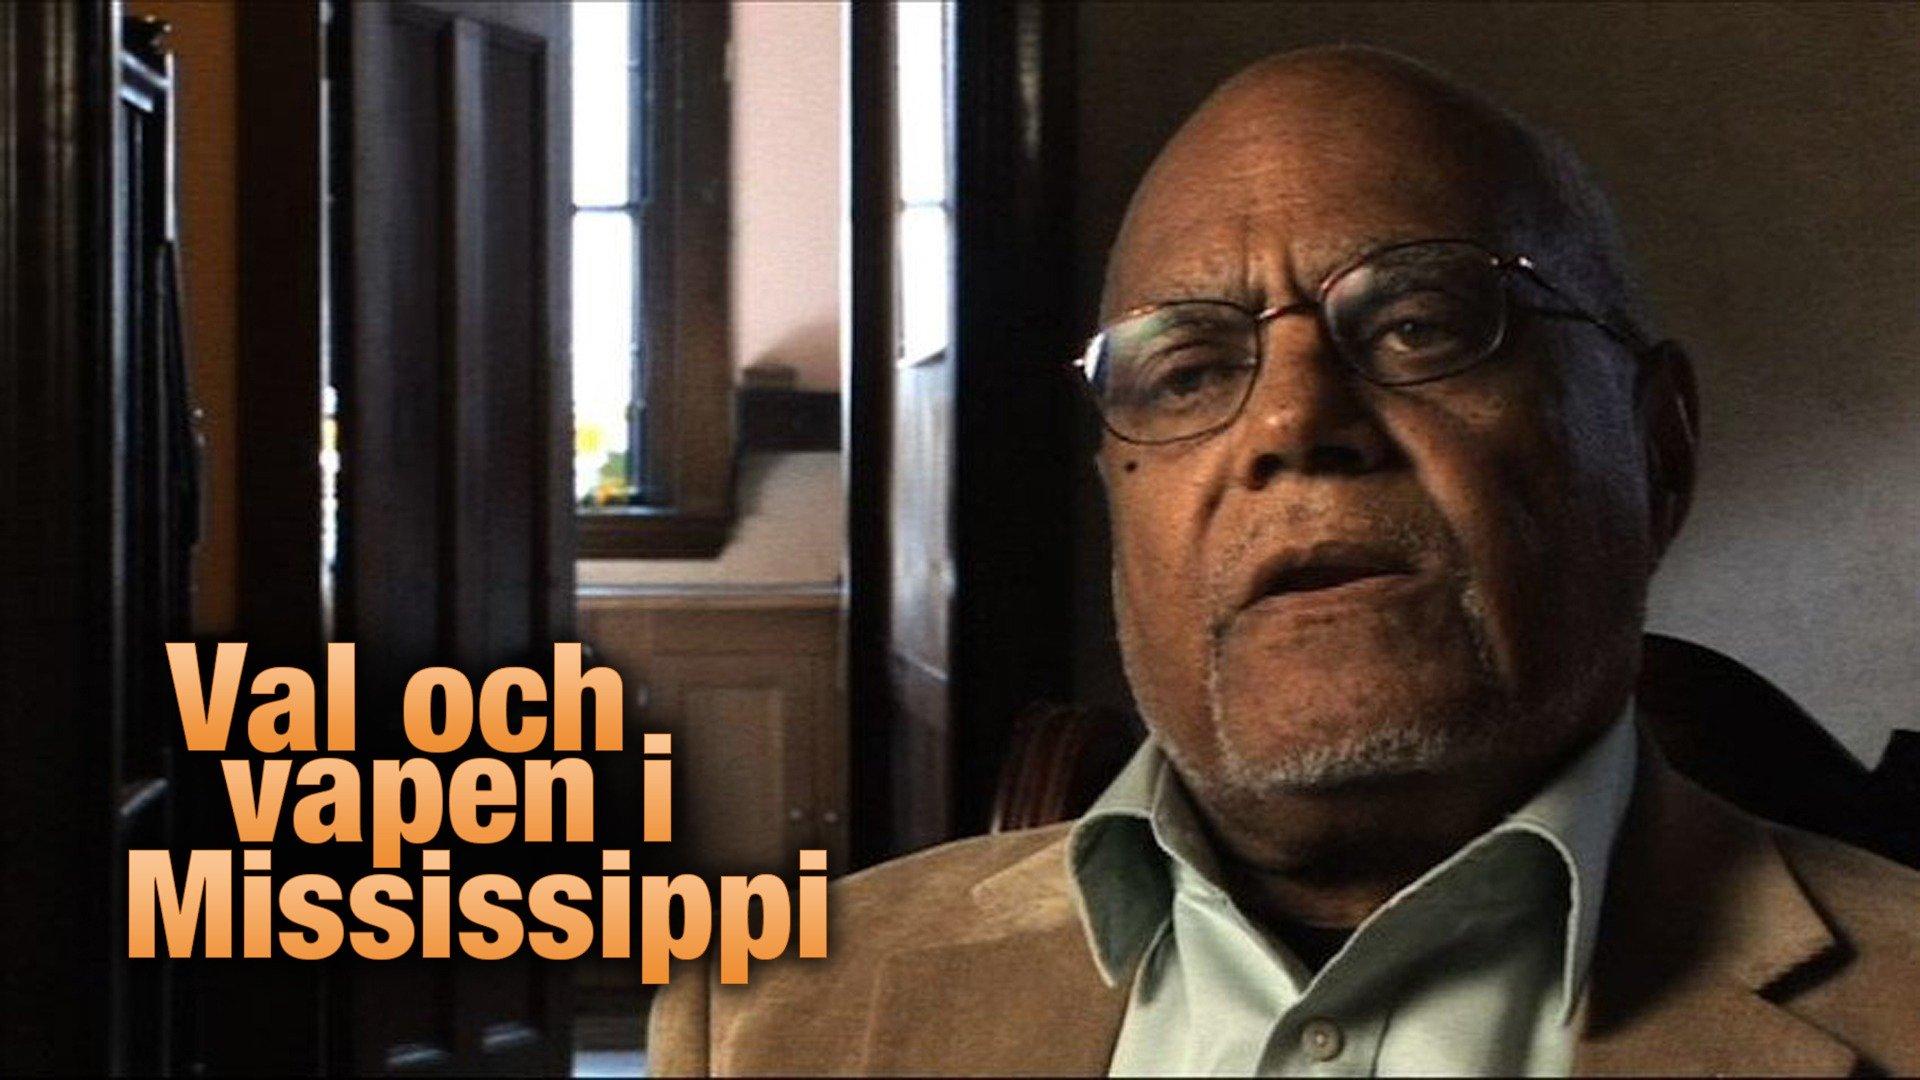 Val och vapen i Mississippi